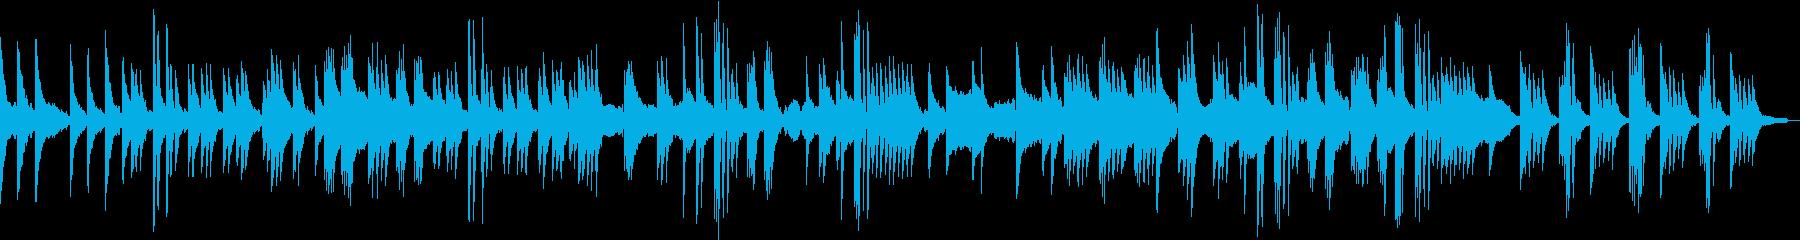 日常を感じさせる、ほのぼのしたピアノ曲の再生済みの波形